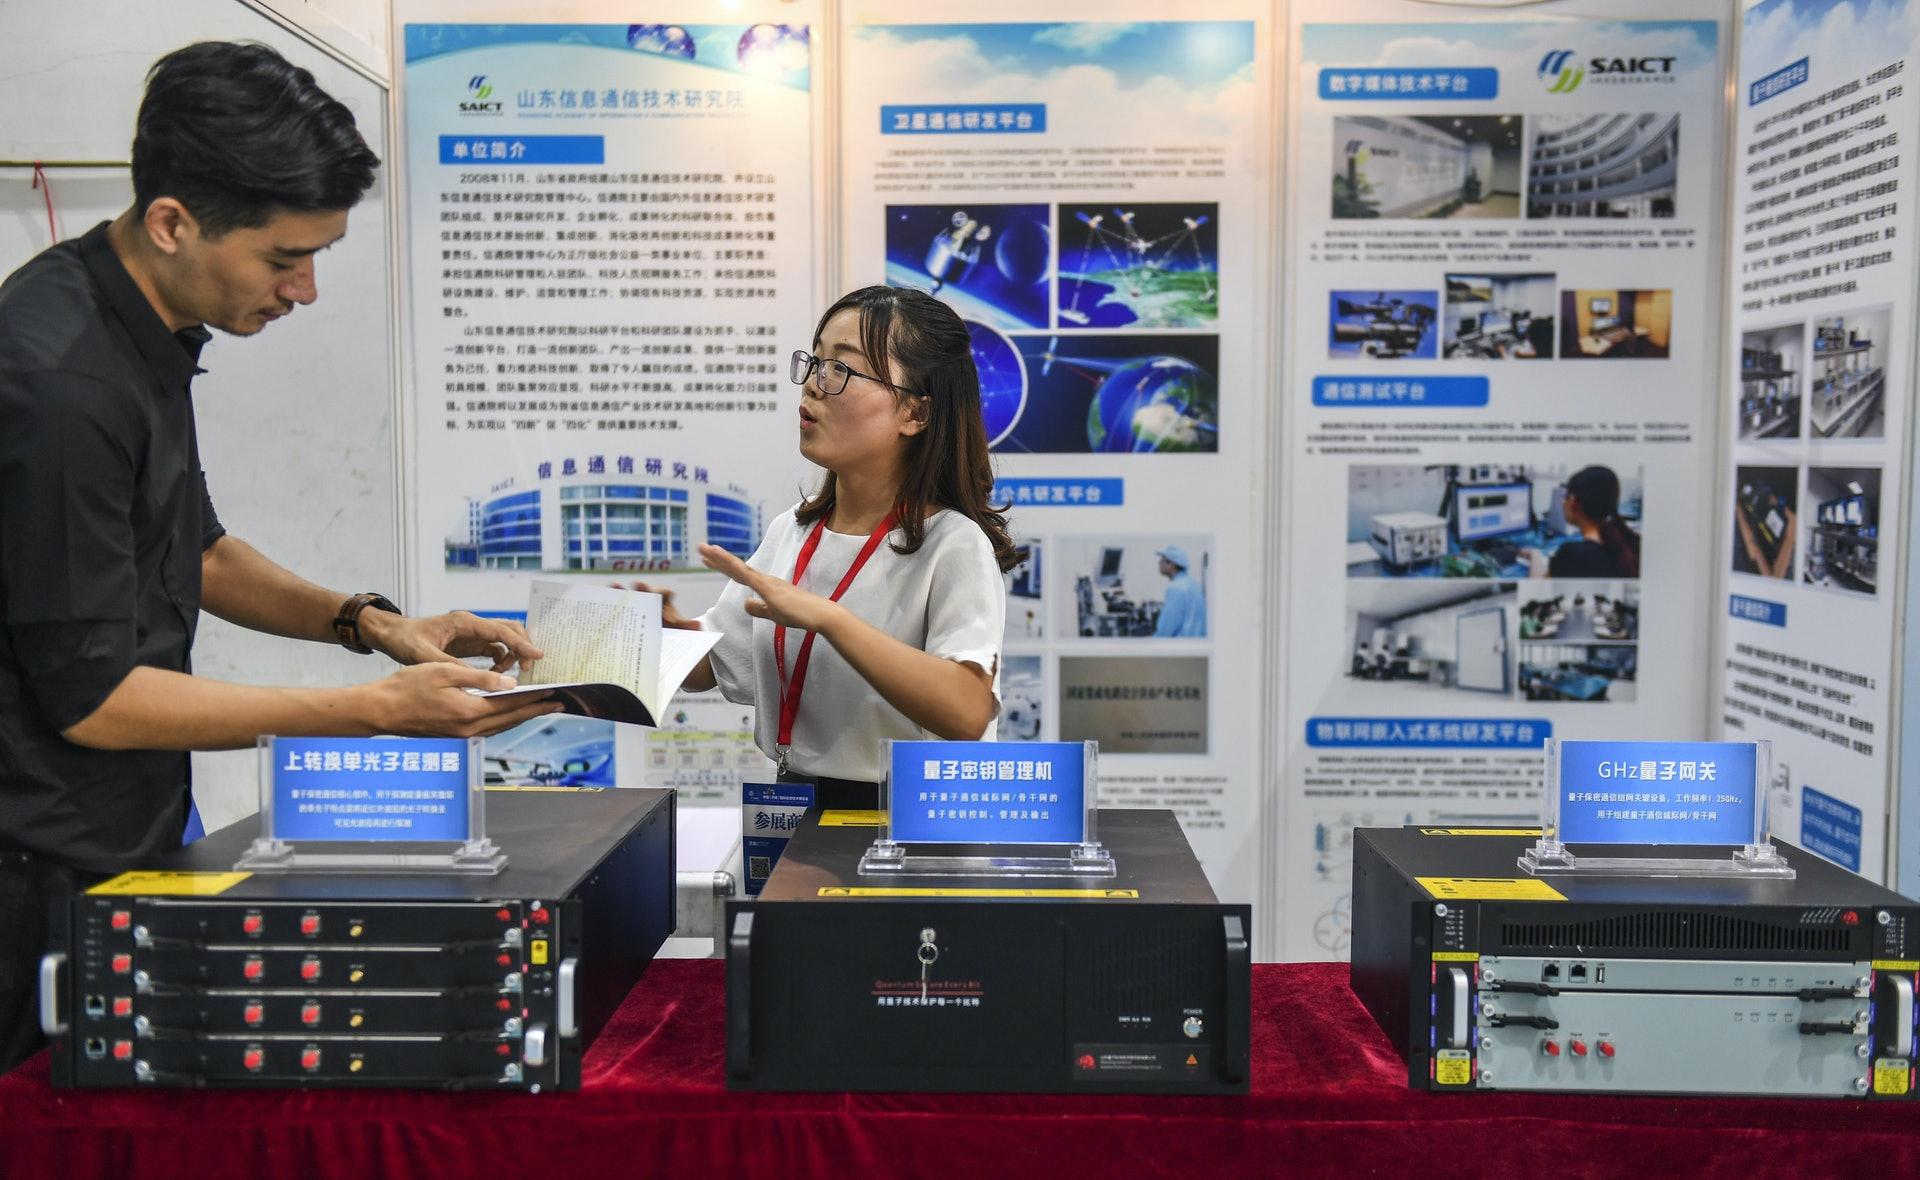 中国企业研发的量子通讯系统设备。(中新社)